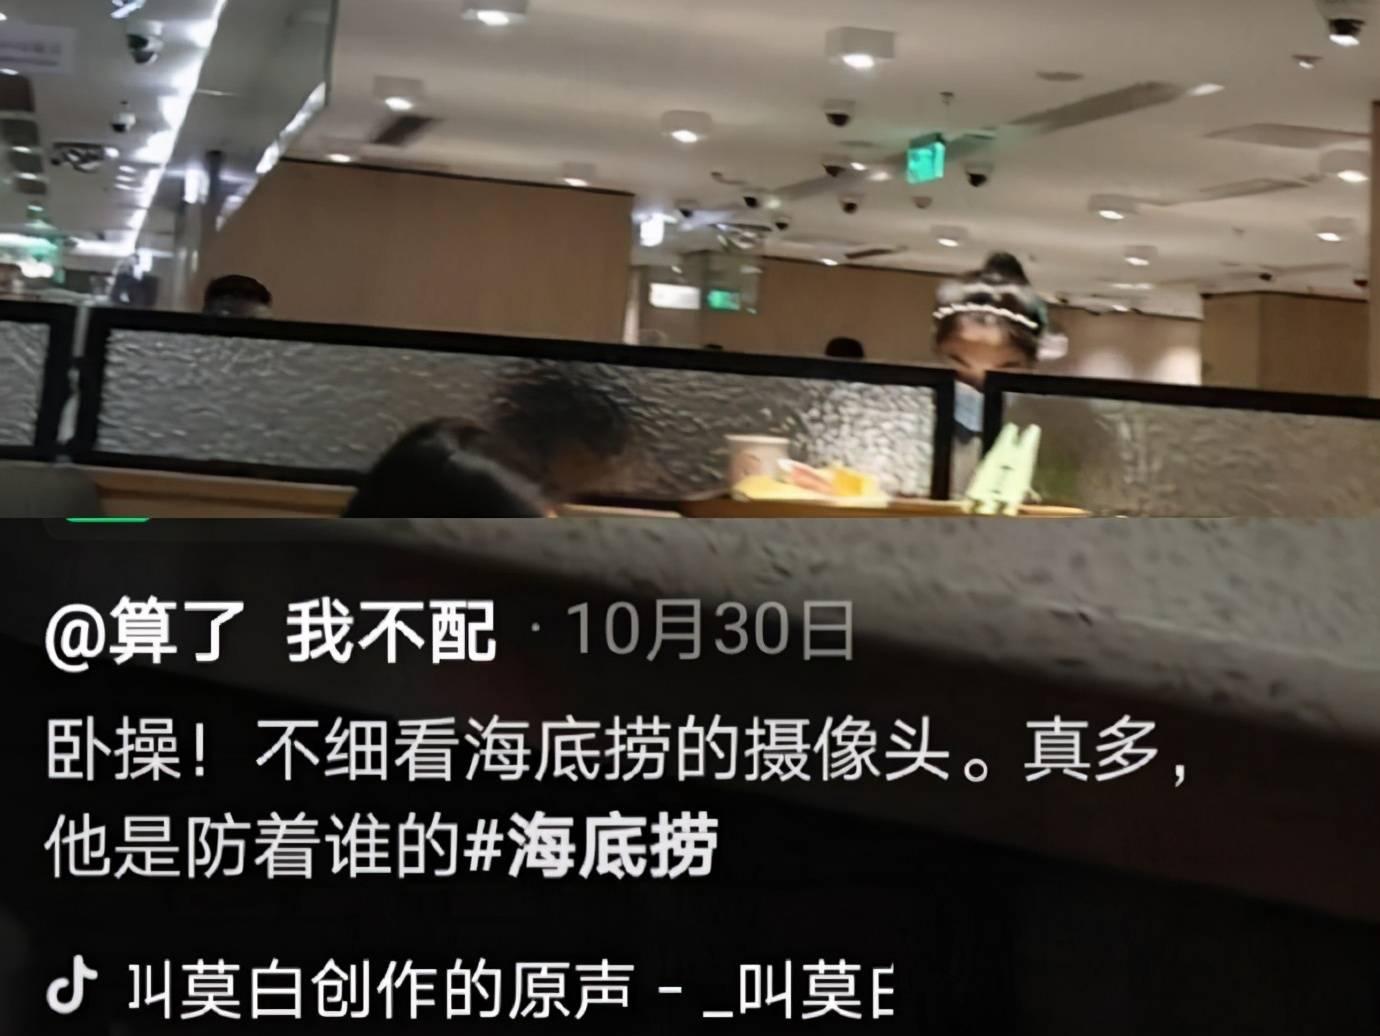 天津摄像头客服电话 天地伟业售后电话 今日